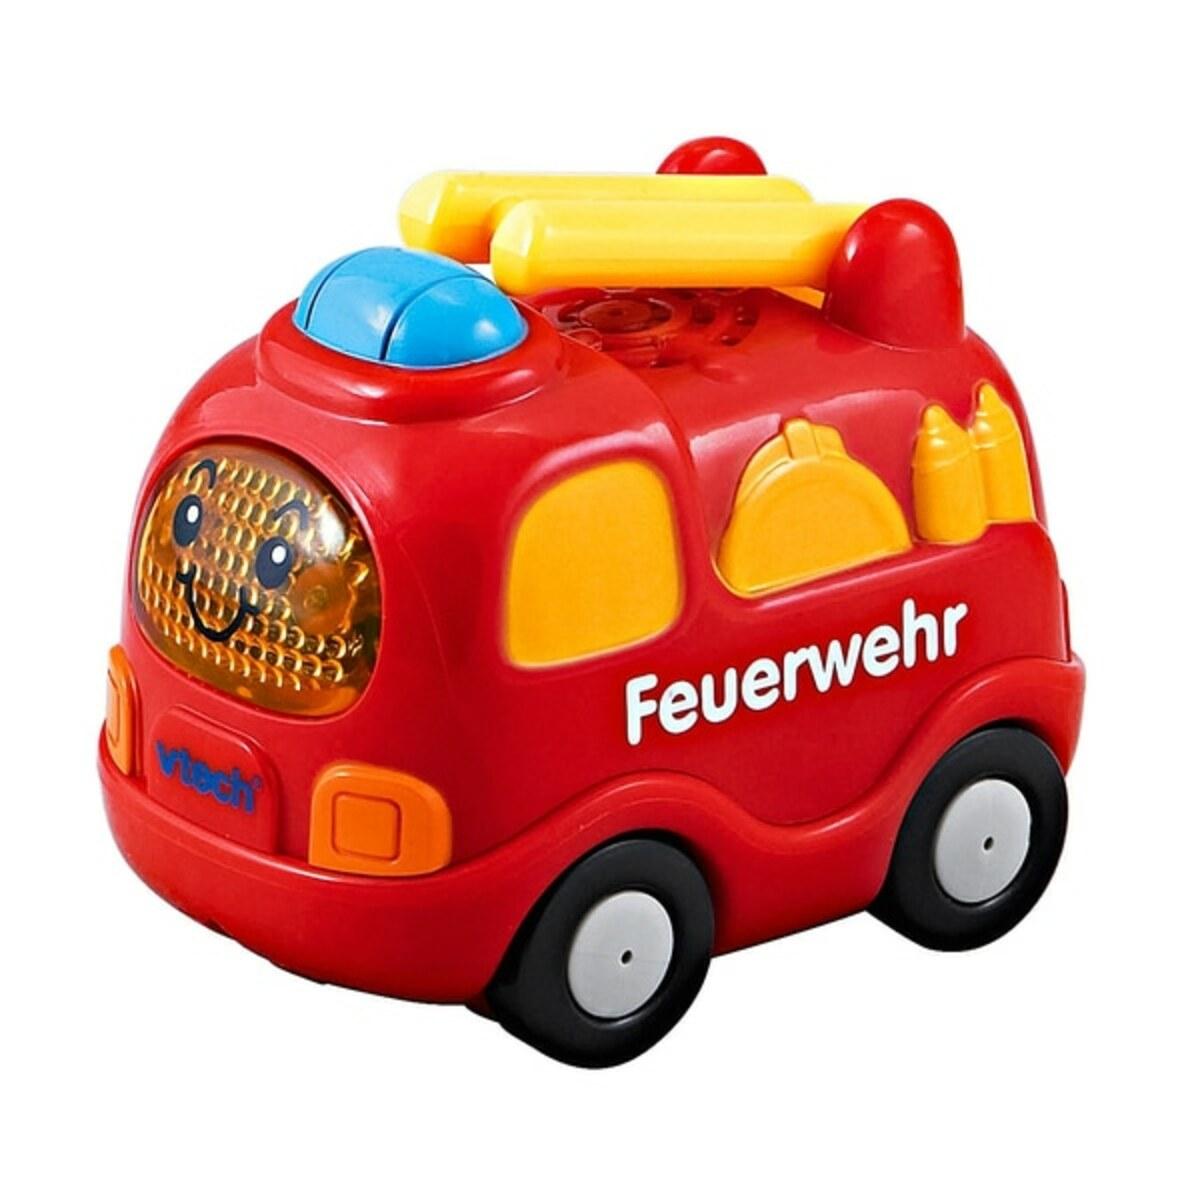 Bild 2 von VTech - Tut Tut Baby Flitzer: Feuerwehr